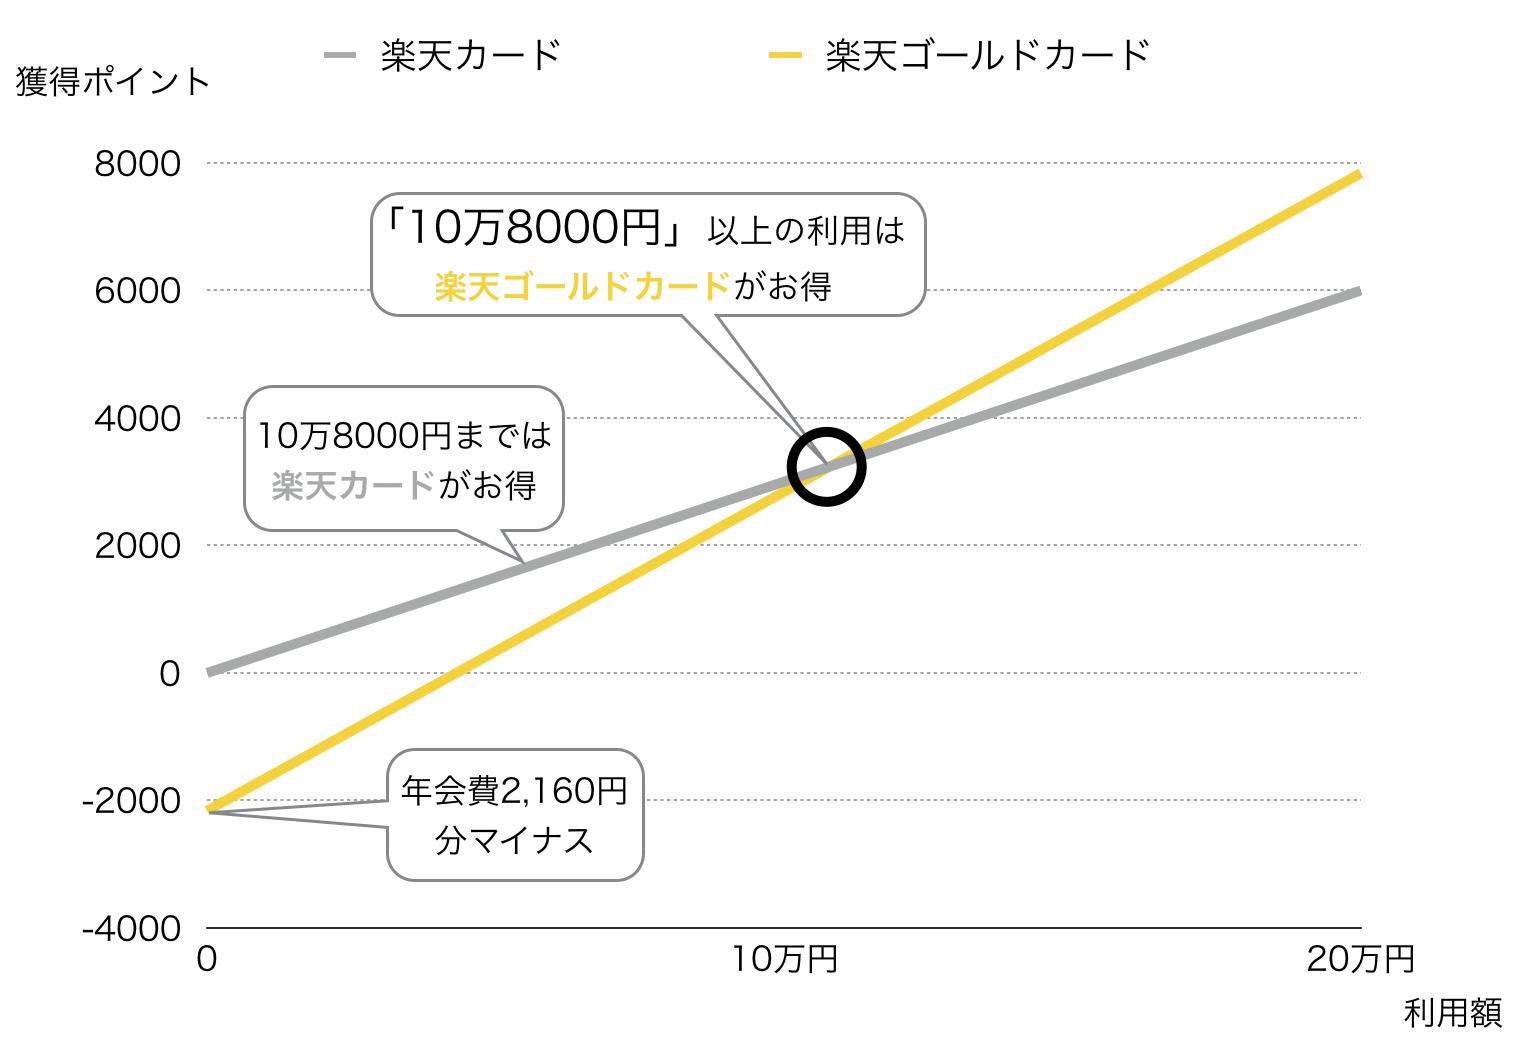 楽天ゴールドカード損益分岐点の解説図